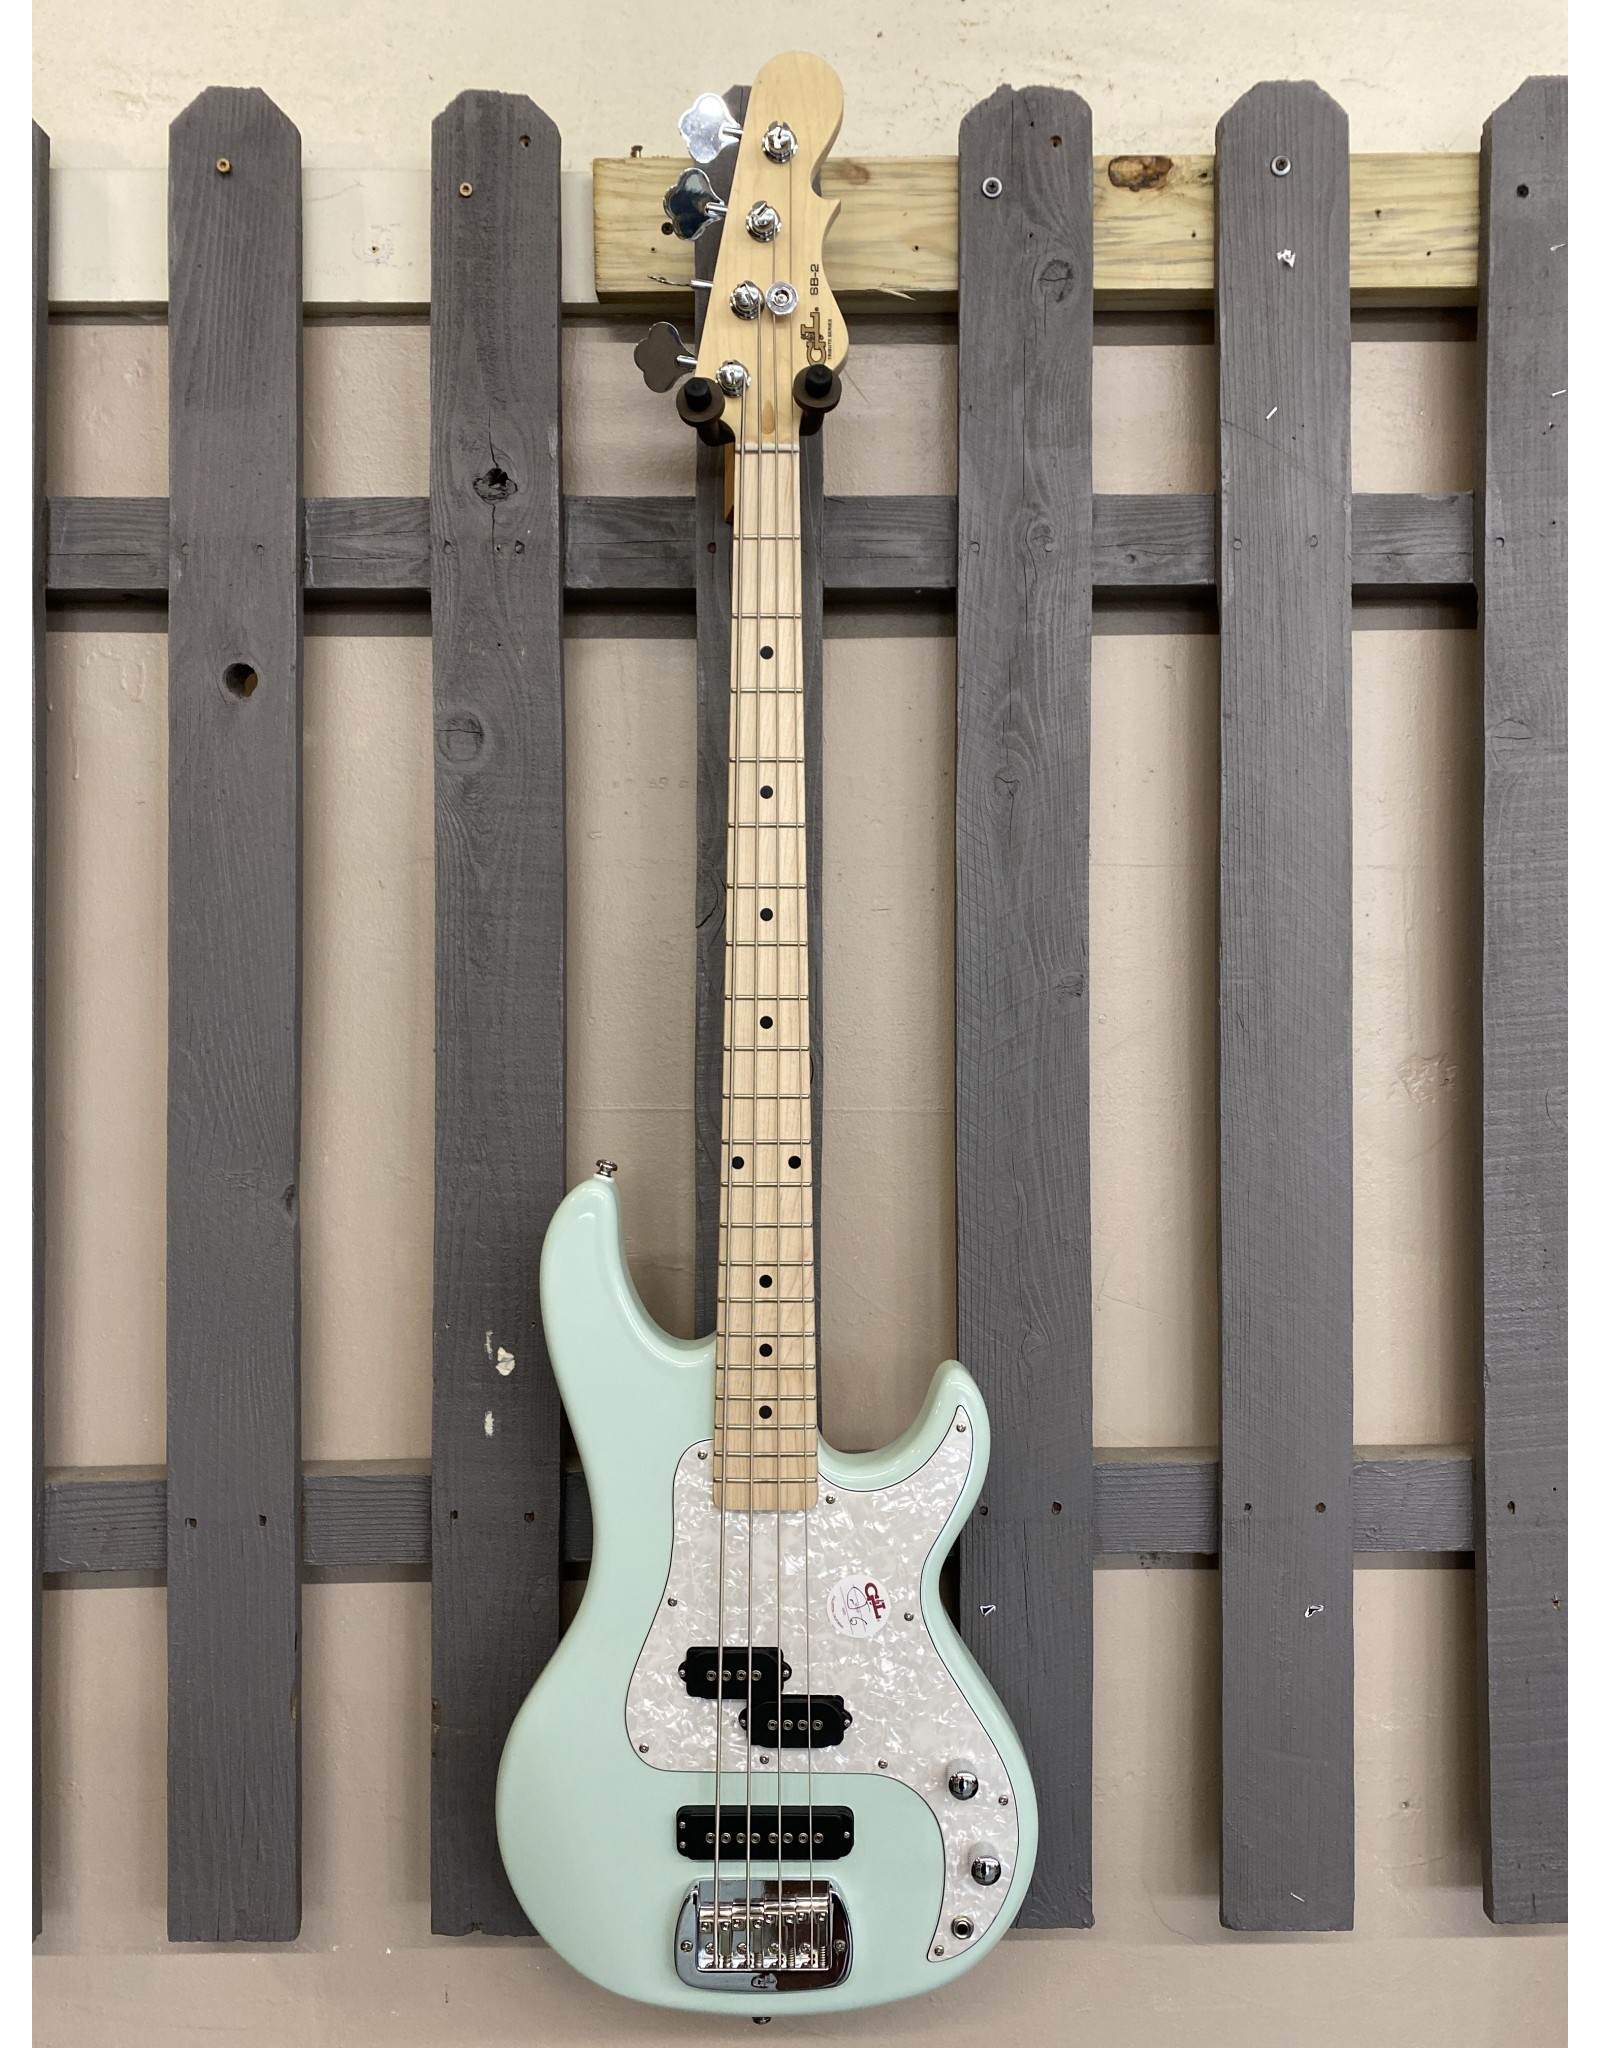 G&L G&L Tribute SB-2 Surf Green Bass Guitar